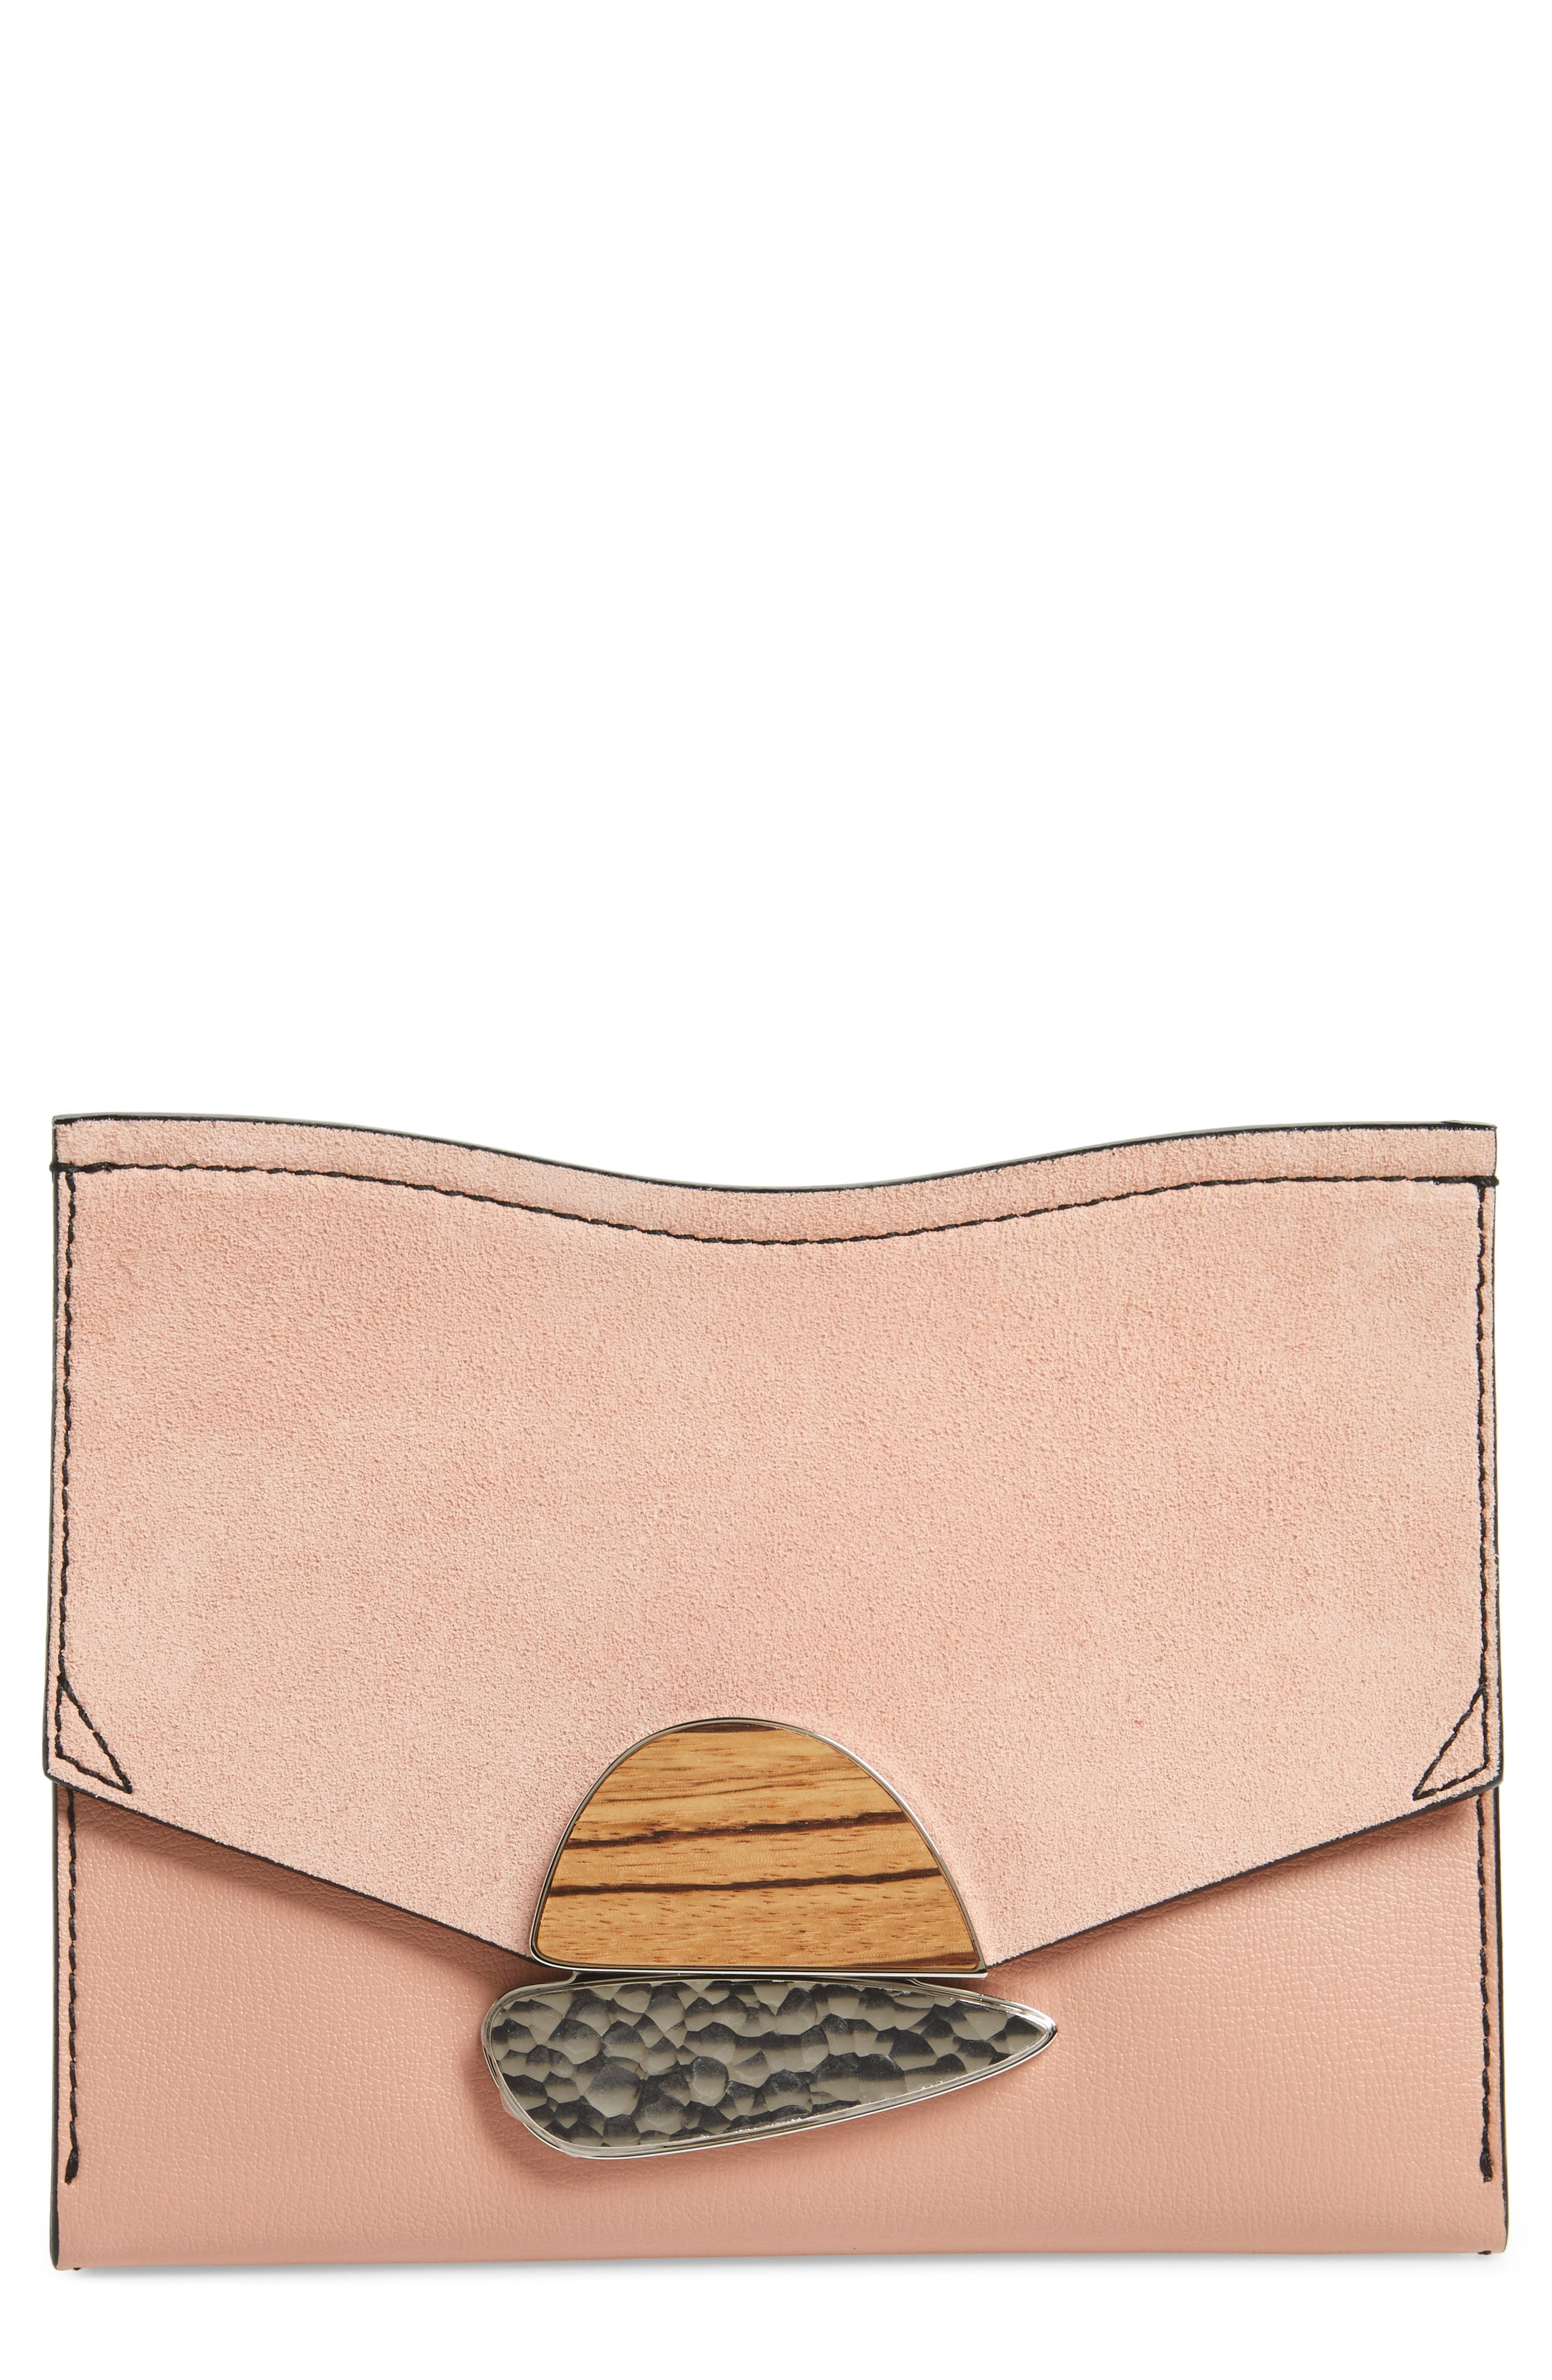 Proenza Schouler Small Calfskin Leather Clutch